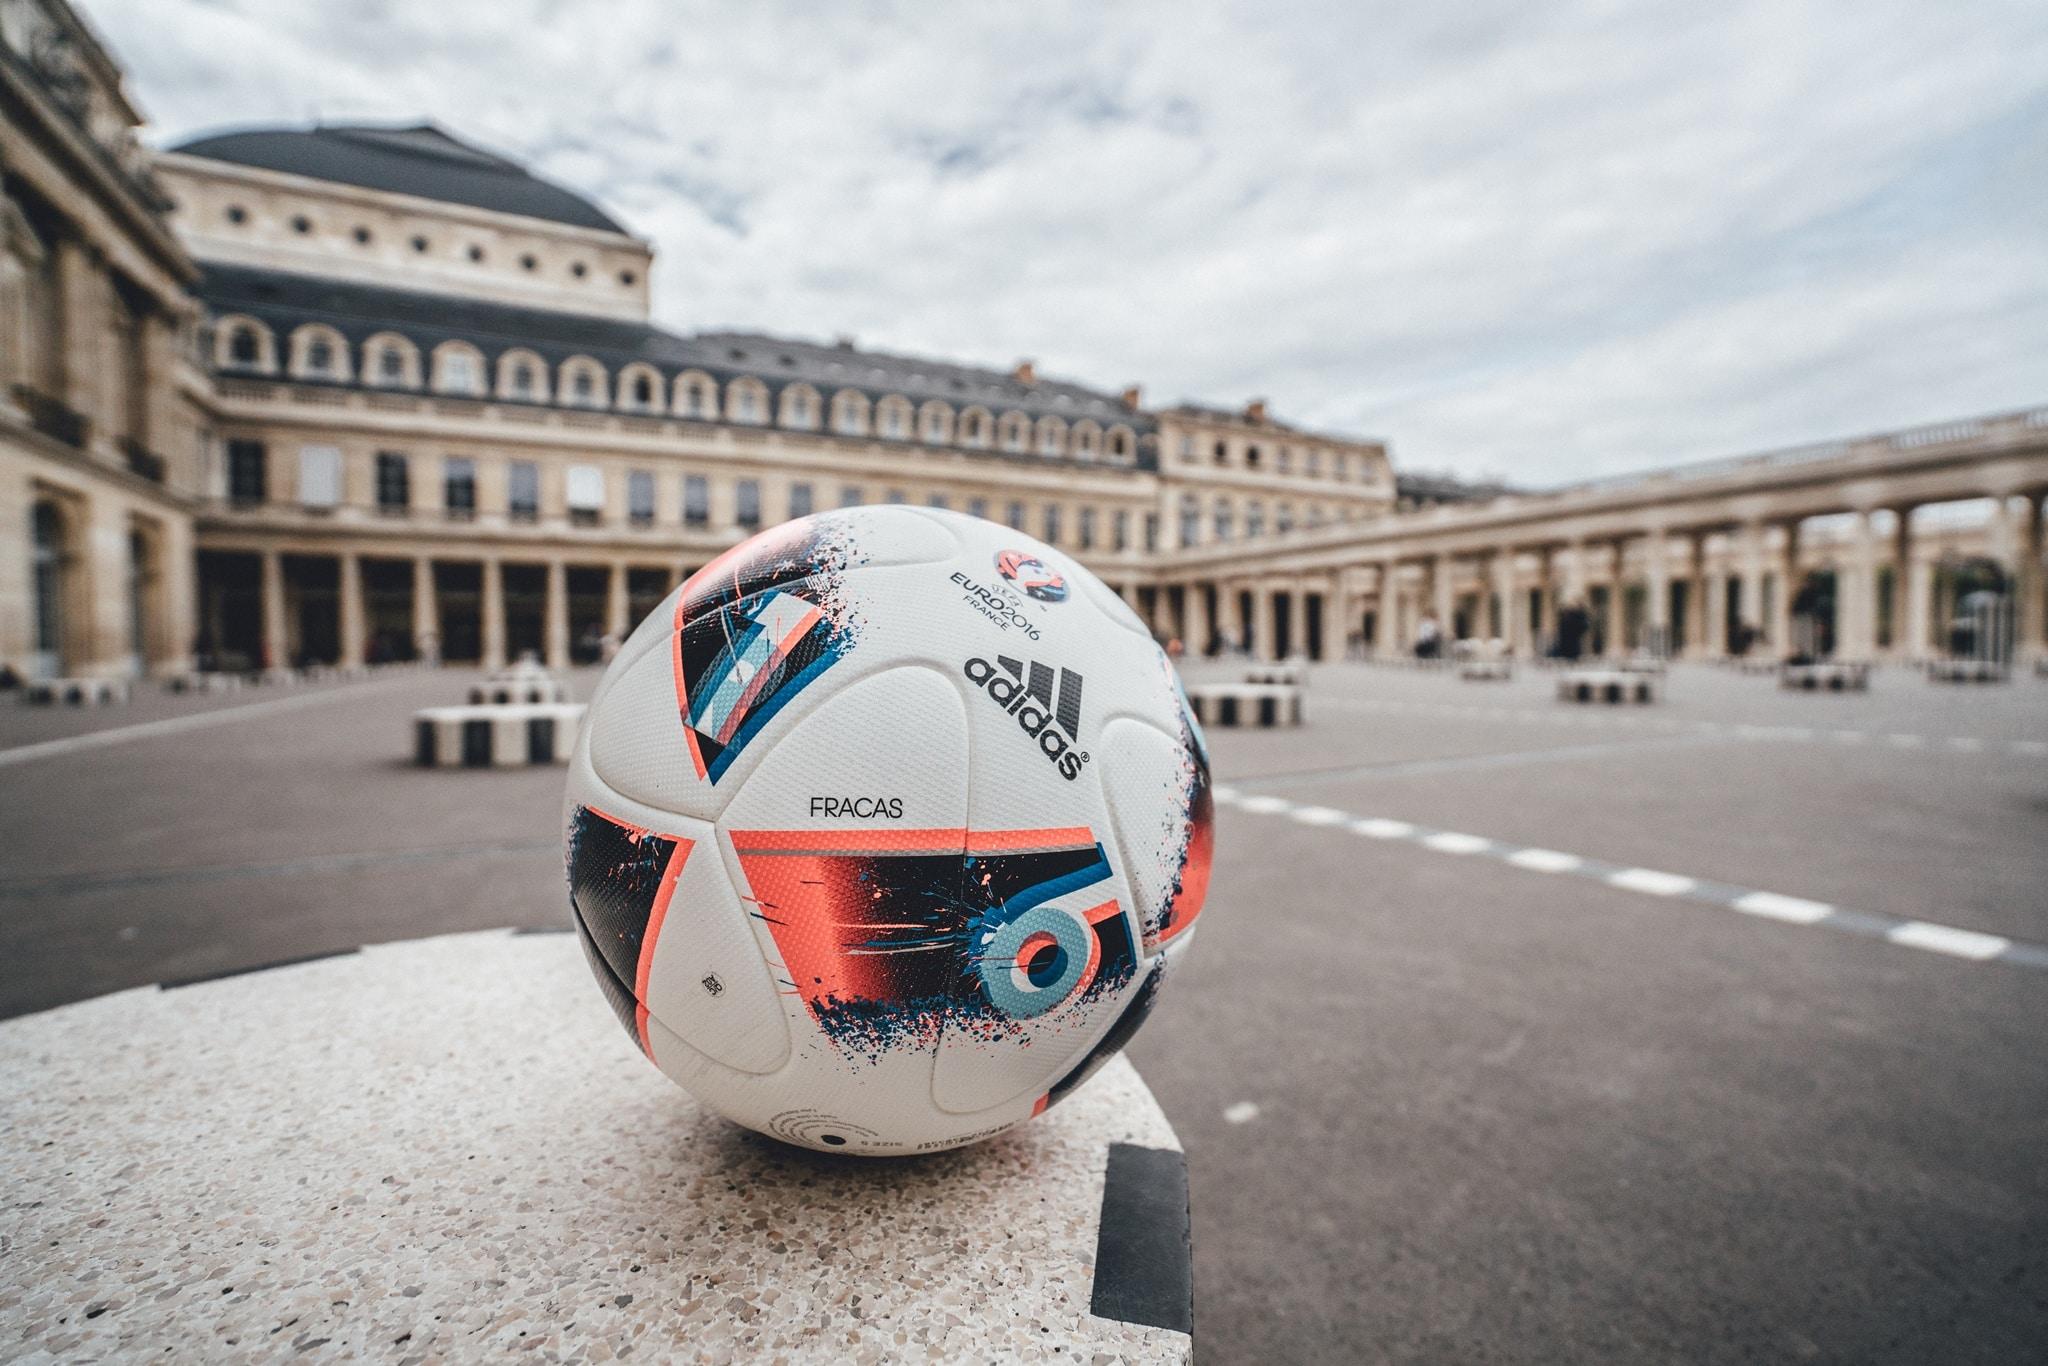 ballon-addas-fracas-euro-2016